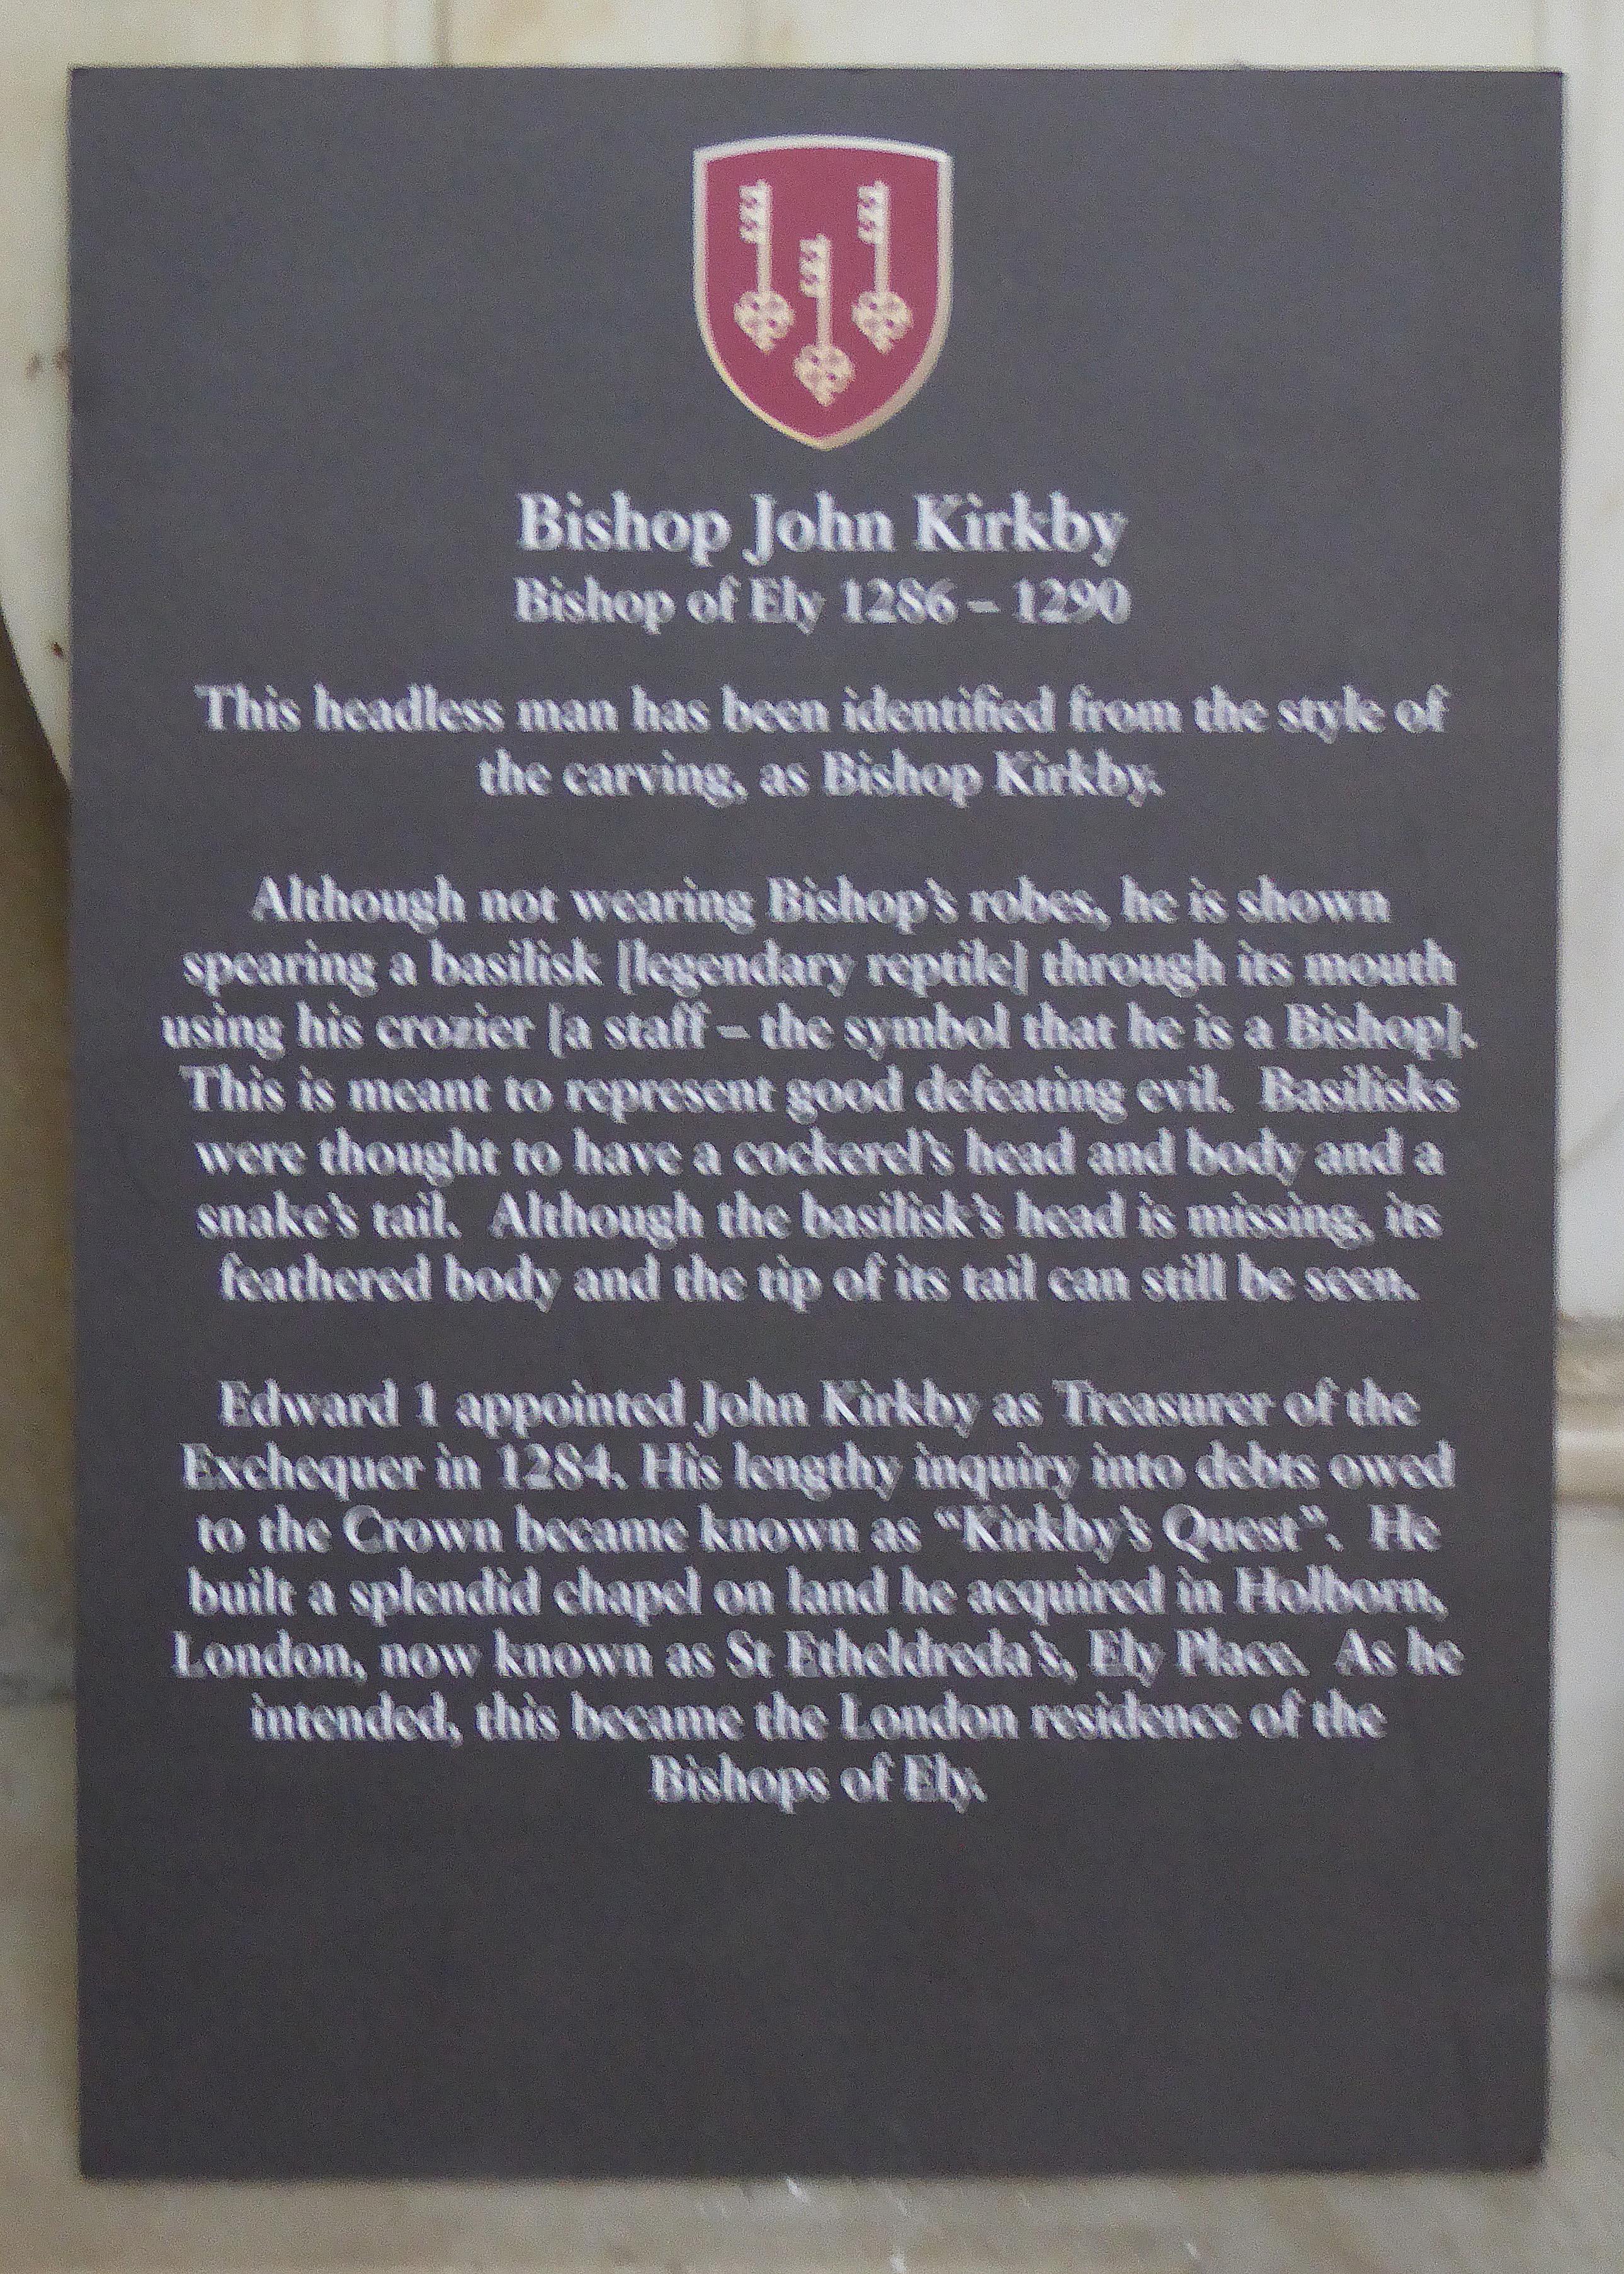 John Kirkby